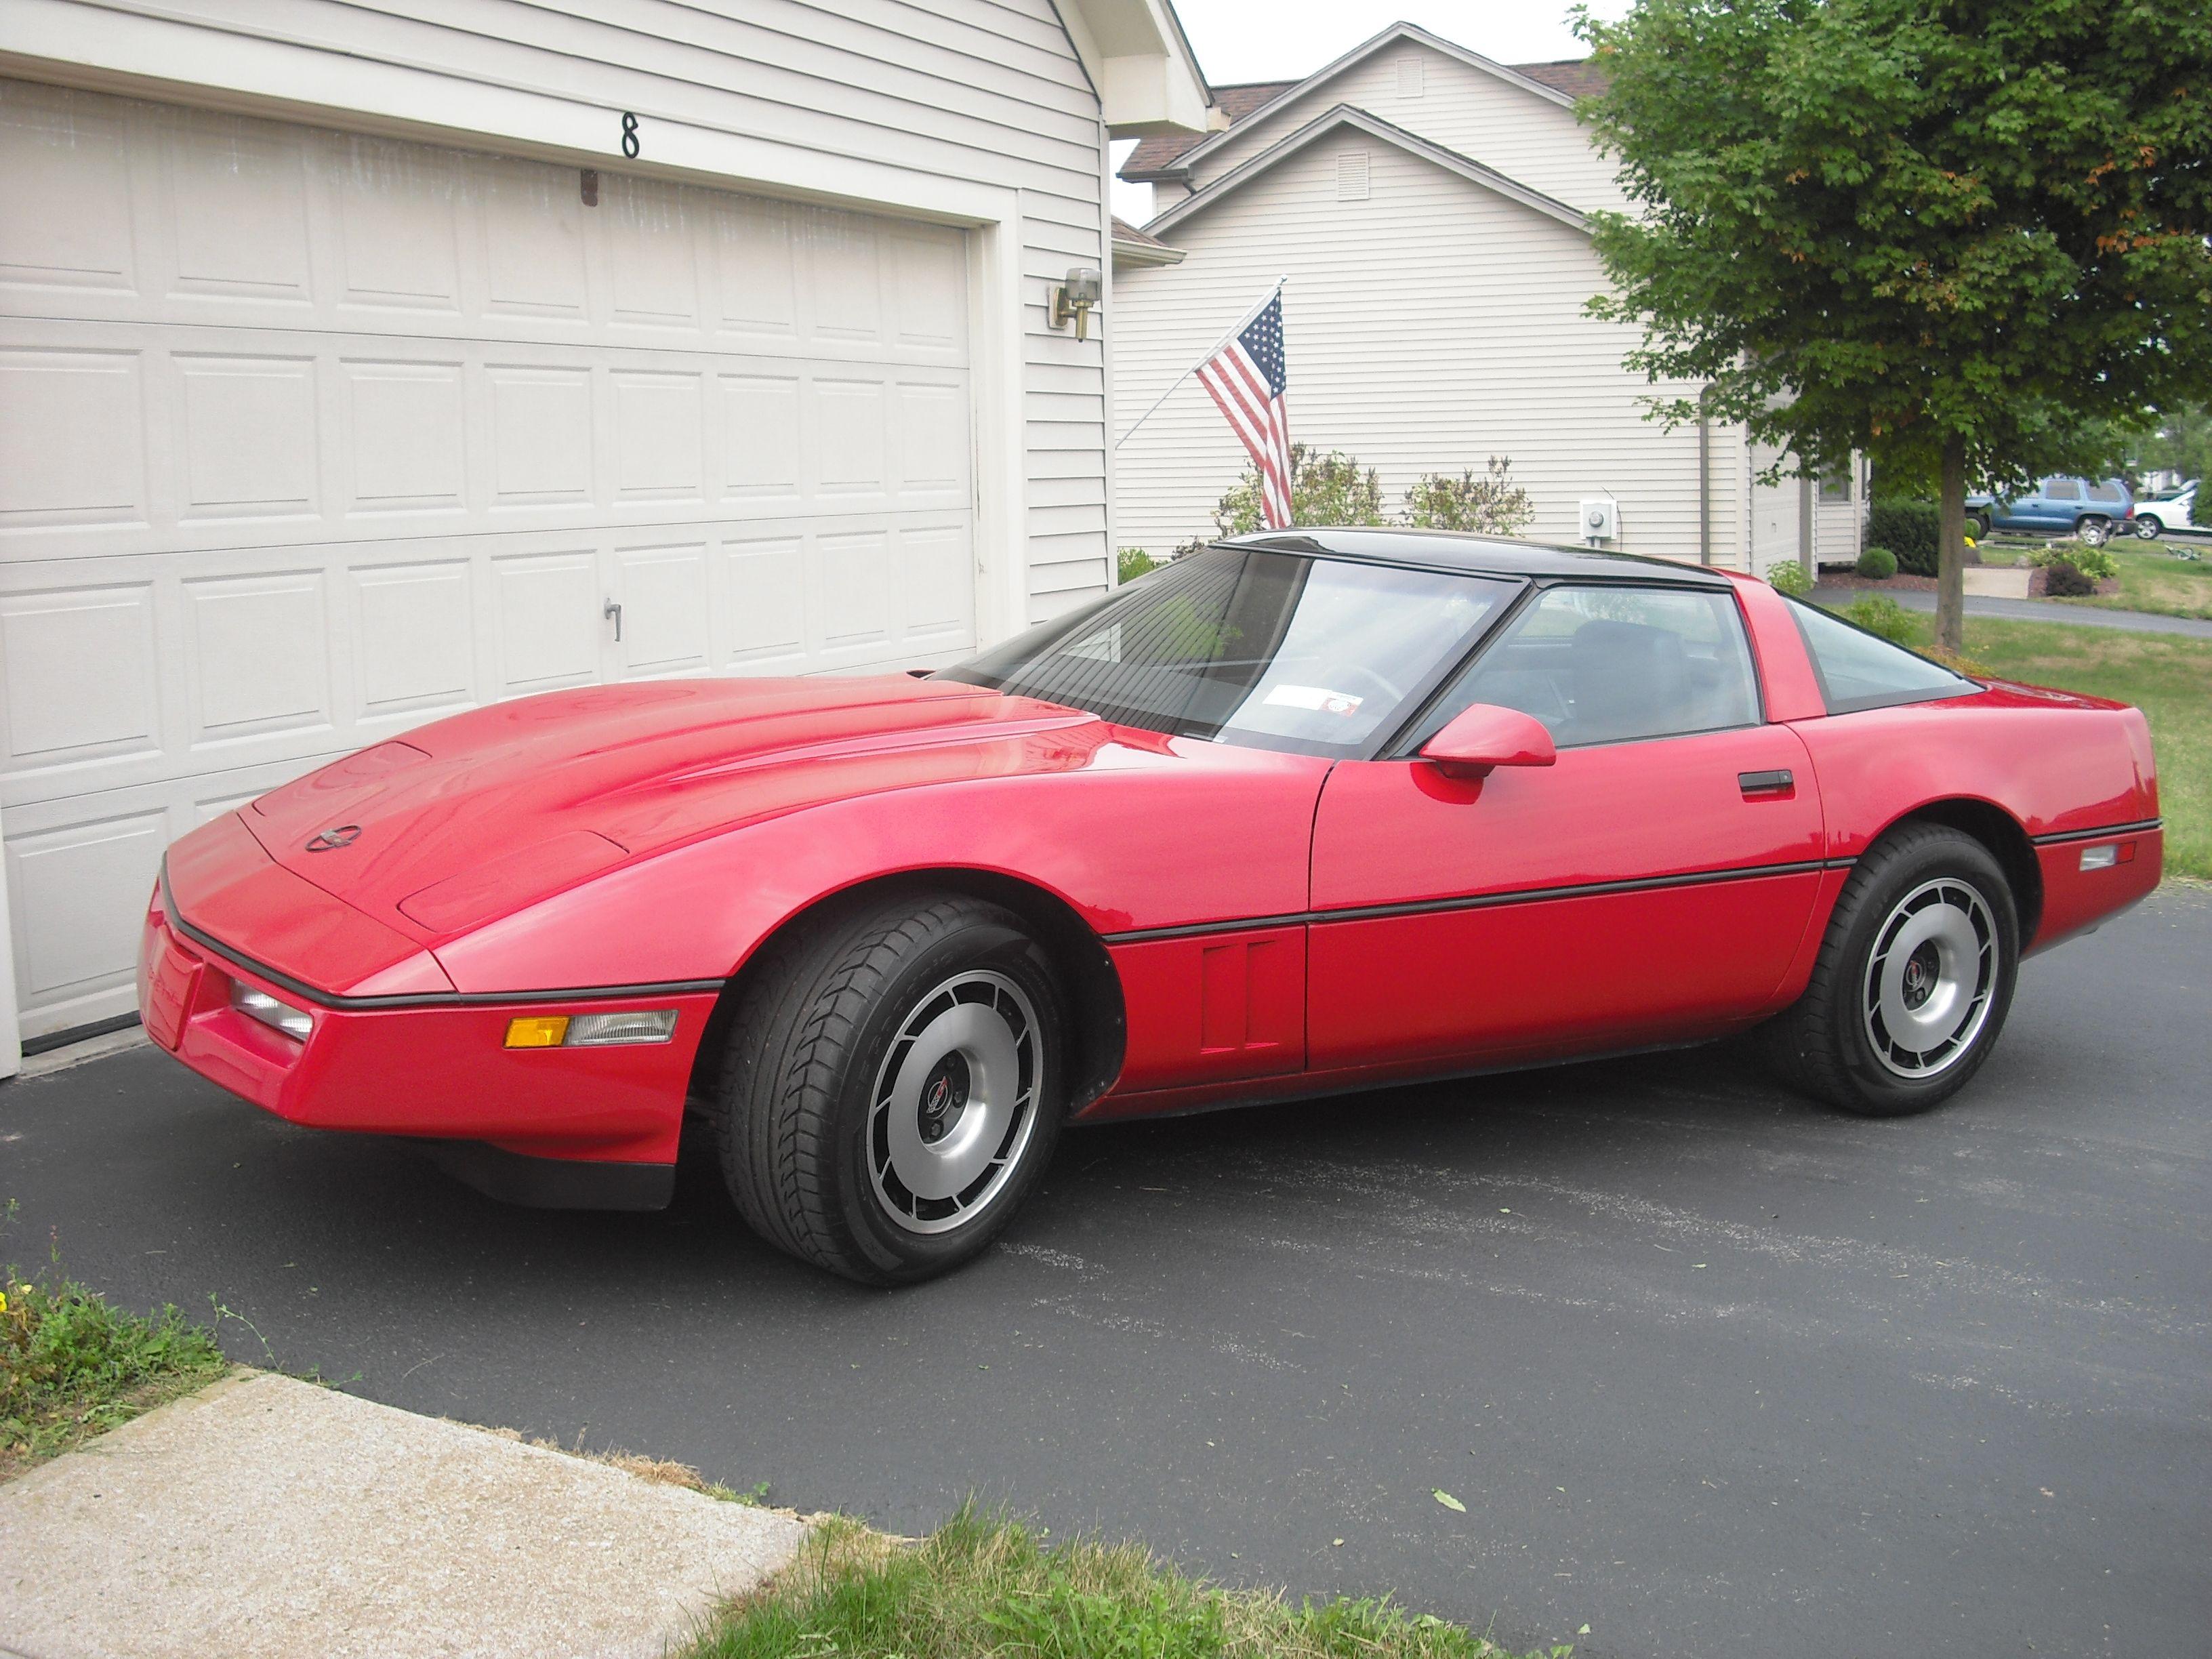 Kelebihan Kekurangan Corvette 1984 Spesifikasi